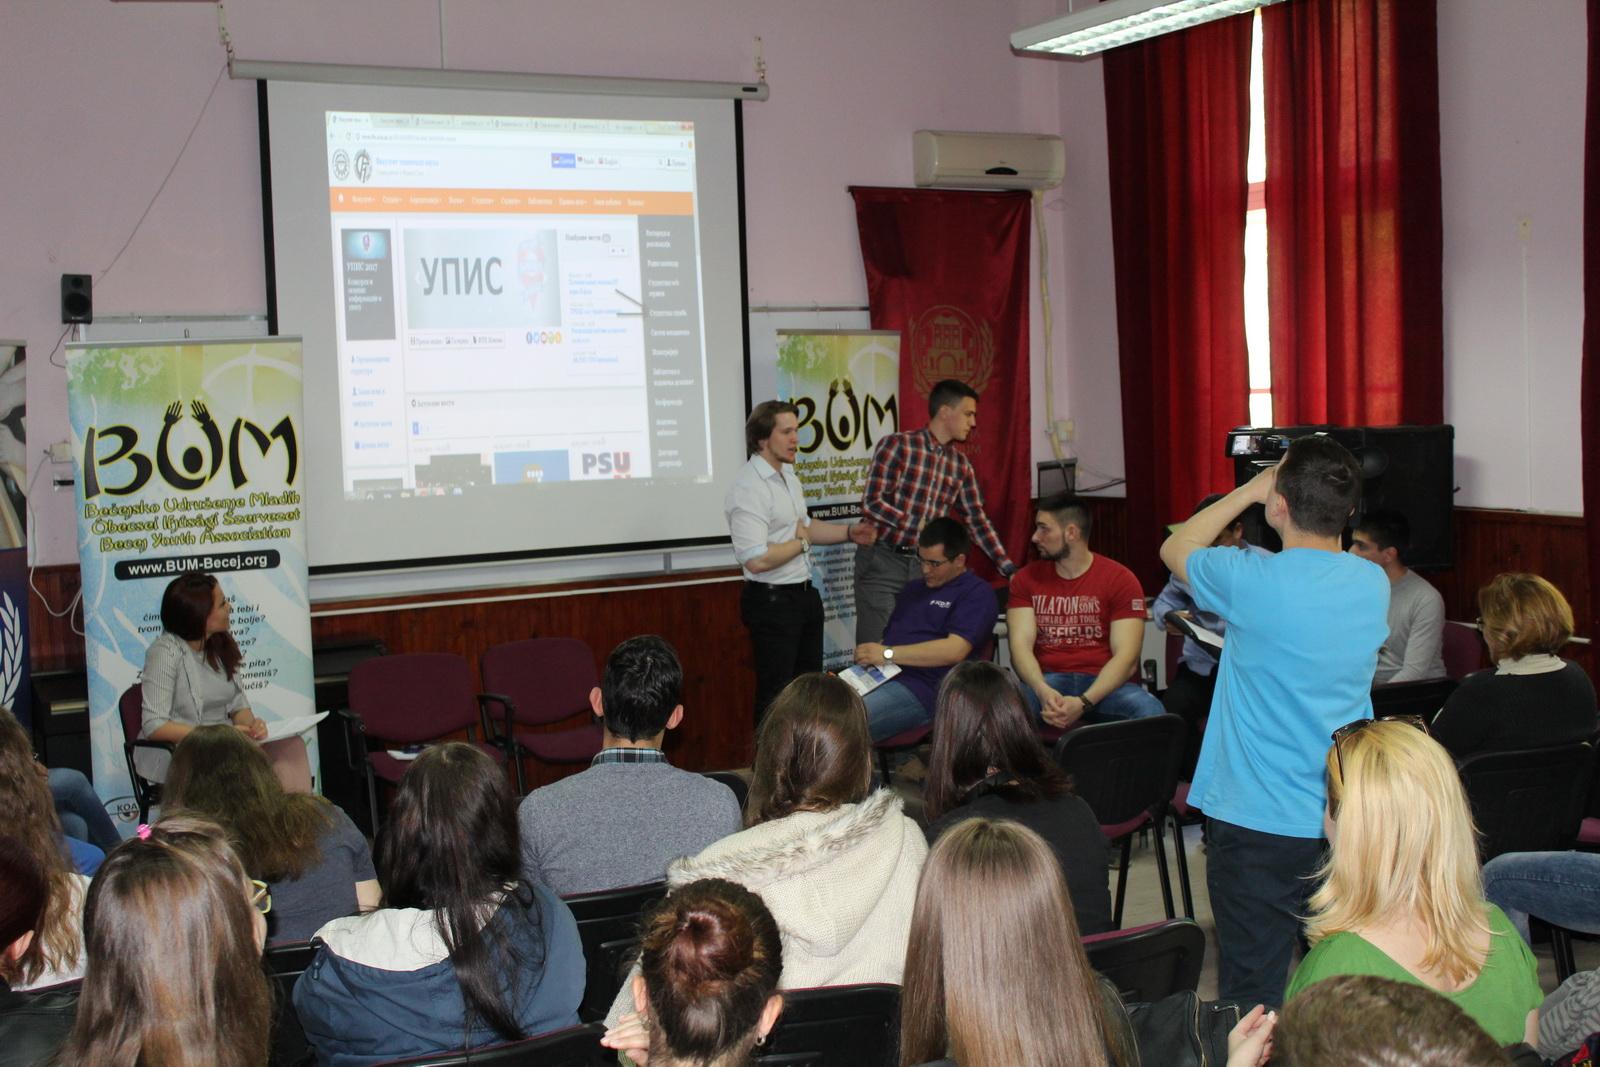 Studenti FTN-a objašnjavaju kako izgledaju početne pripreme